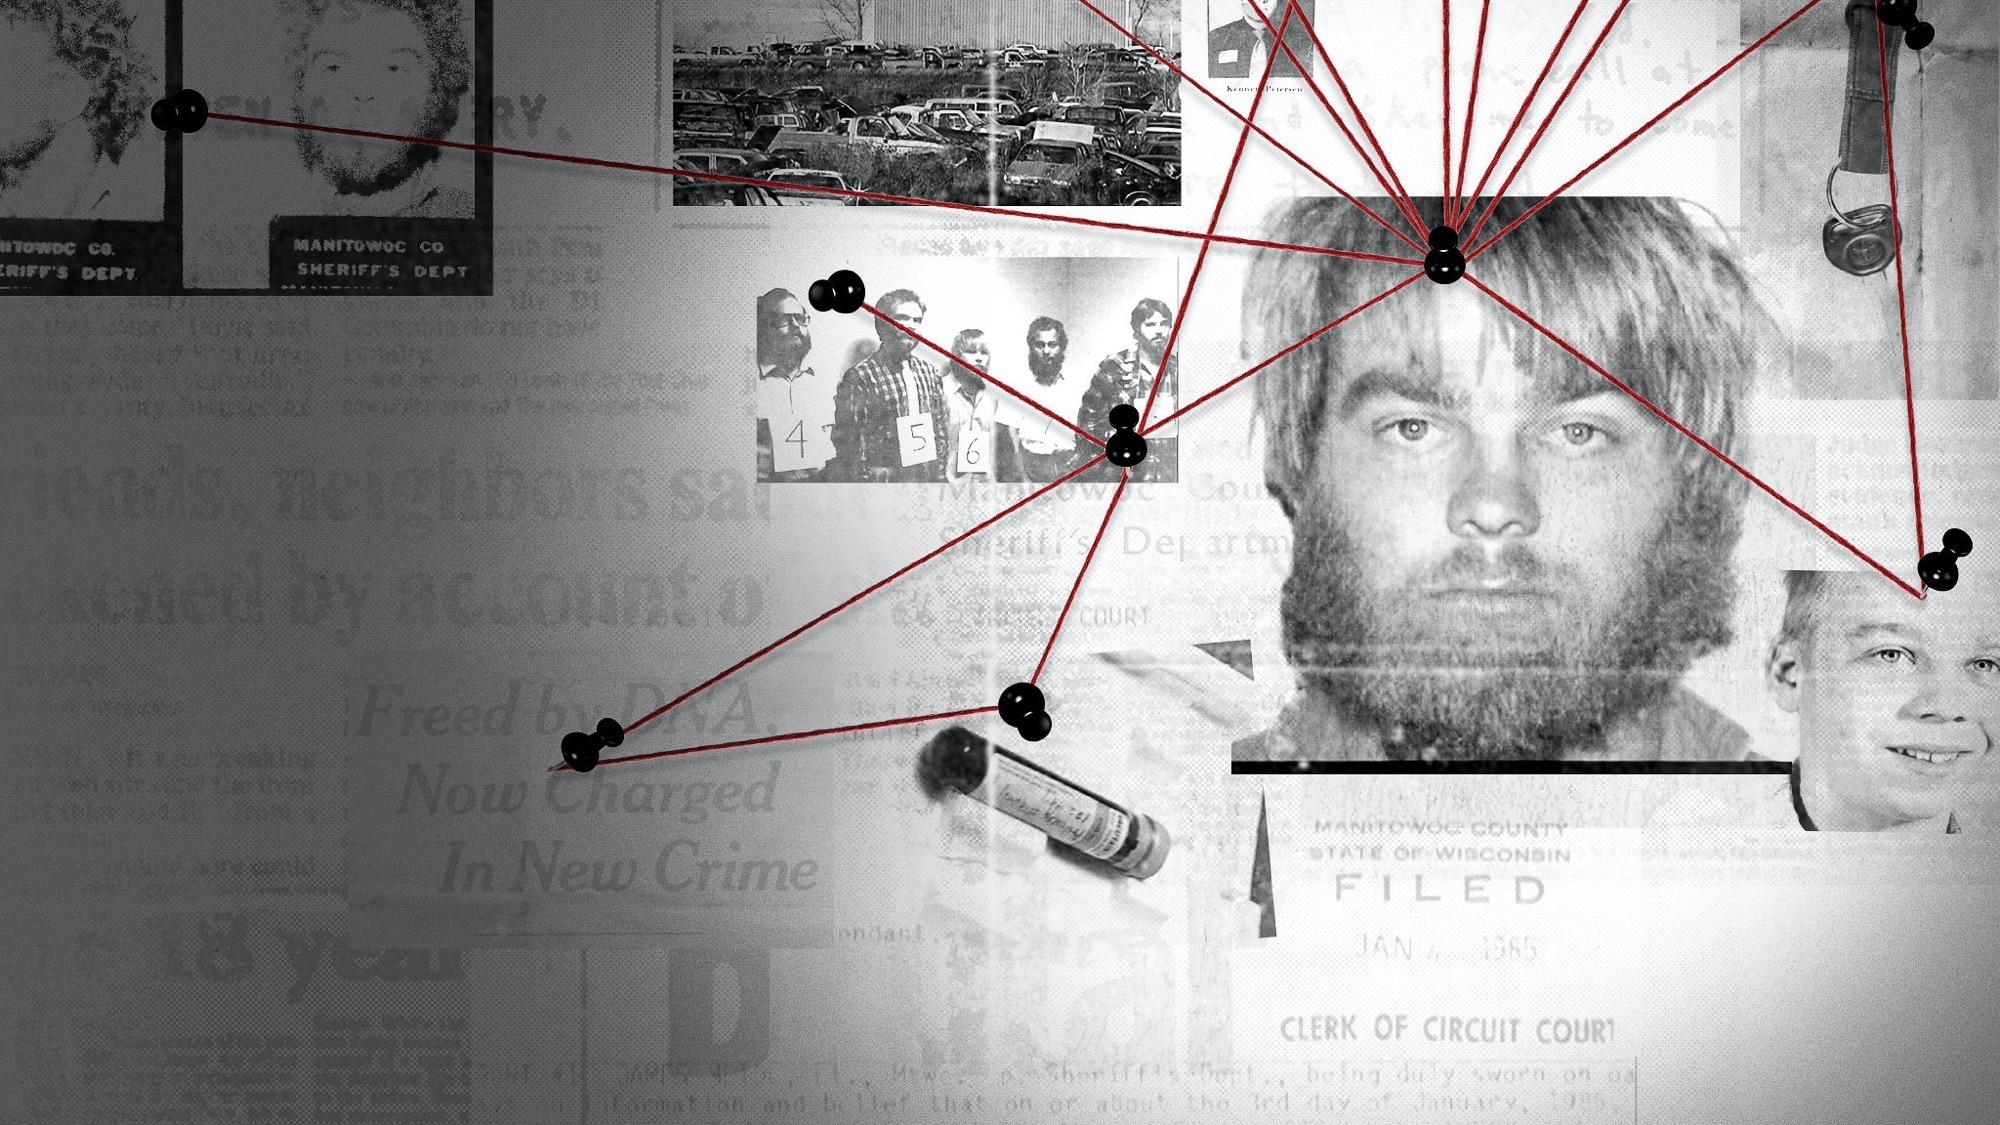 American Guinea Pig: la saga di Stephen Biro tra violenza estrema e cinema d'autore